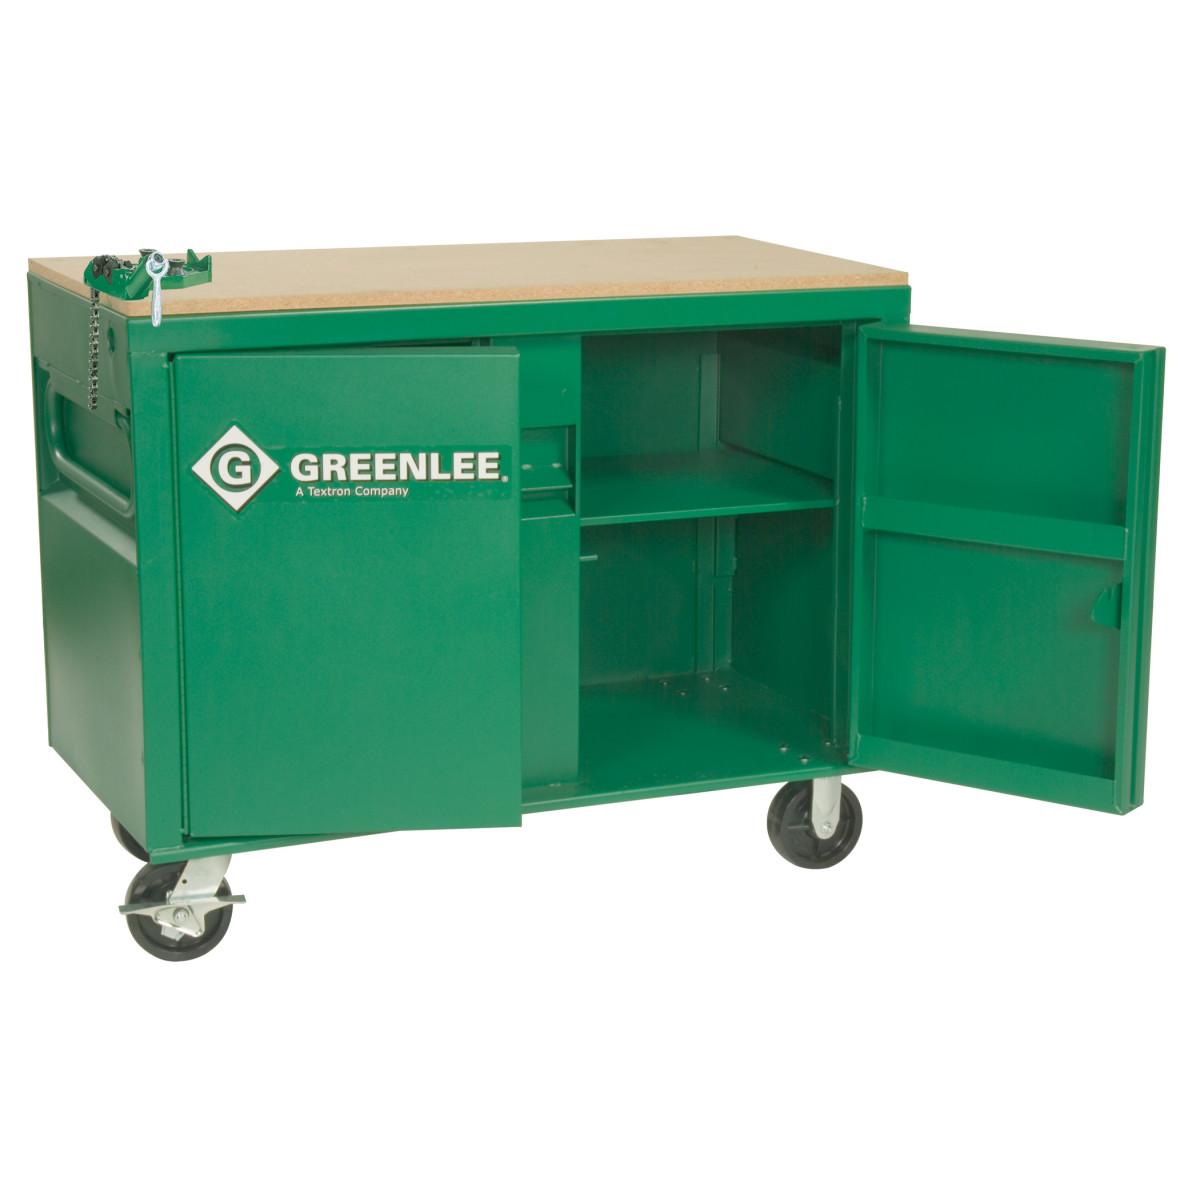 Greenlee 3548 CABINET (3548)